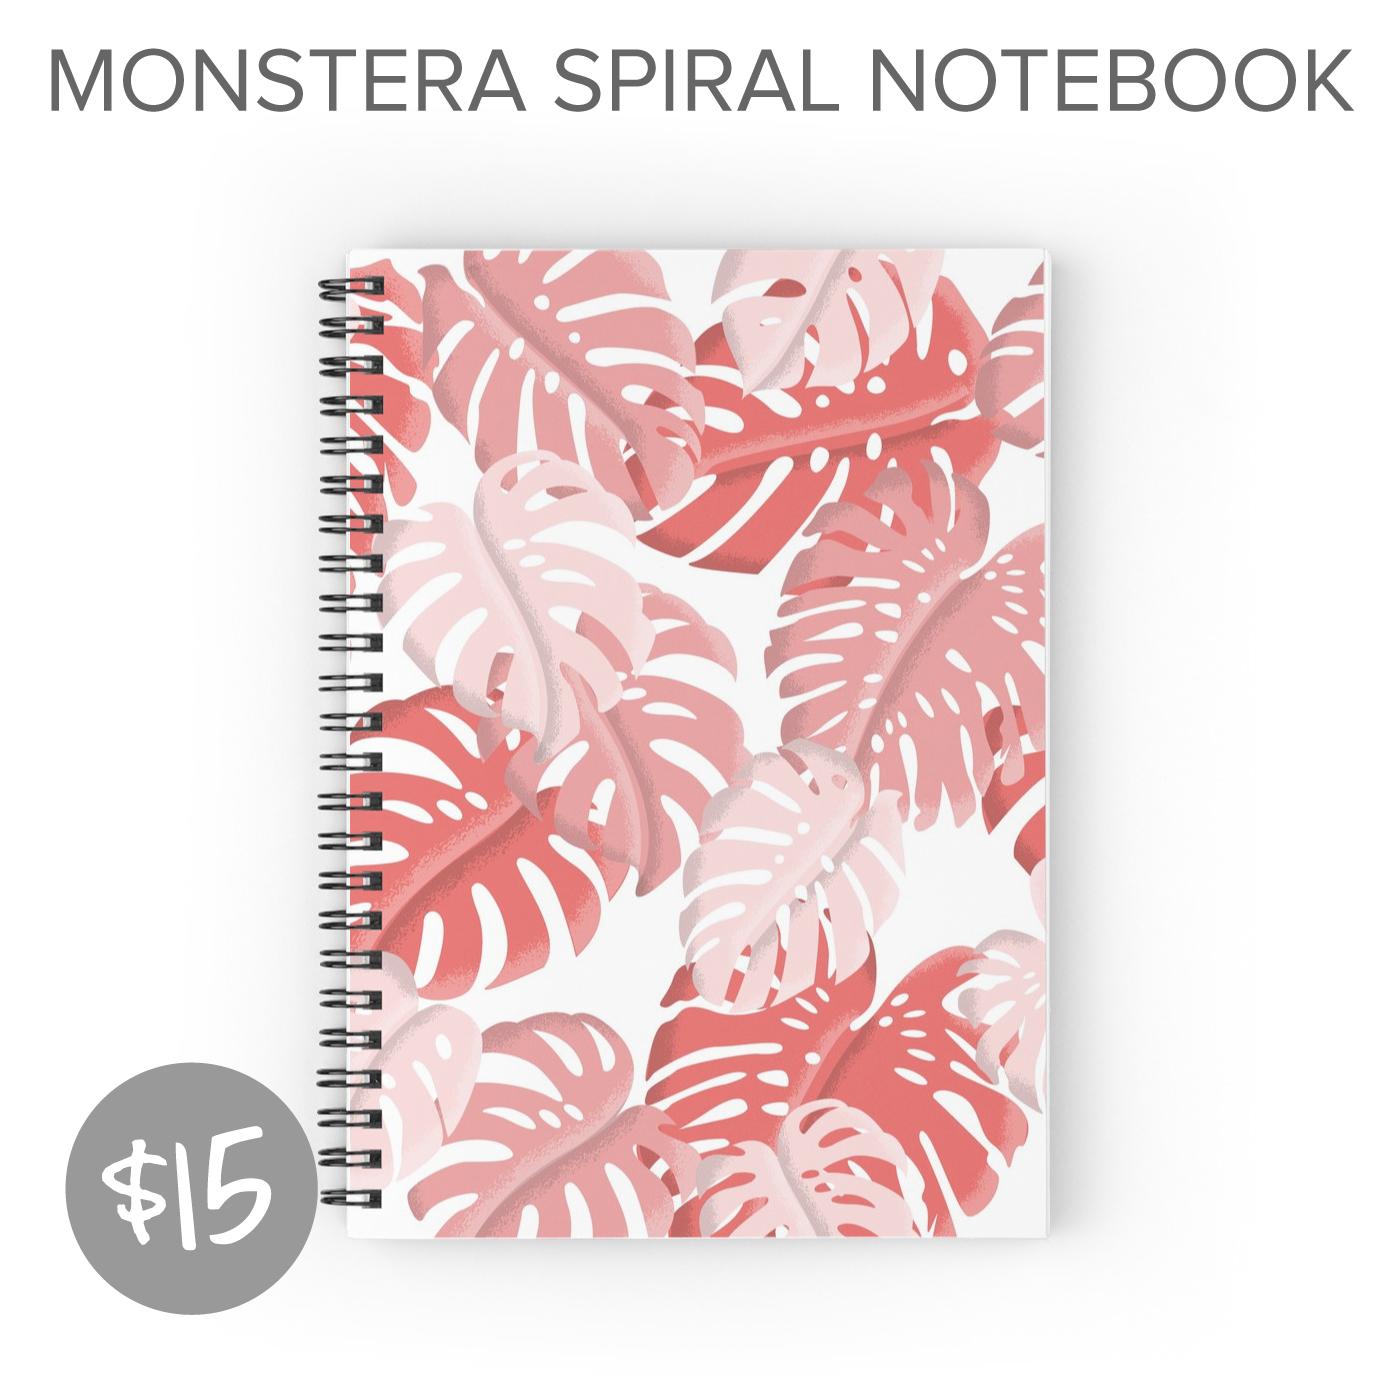 MONSTERA-SPIRAL-NOTEBOOK-3.jpg